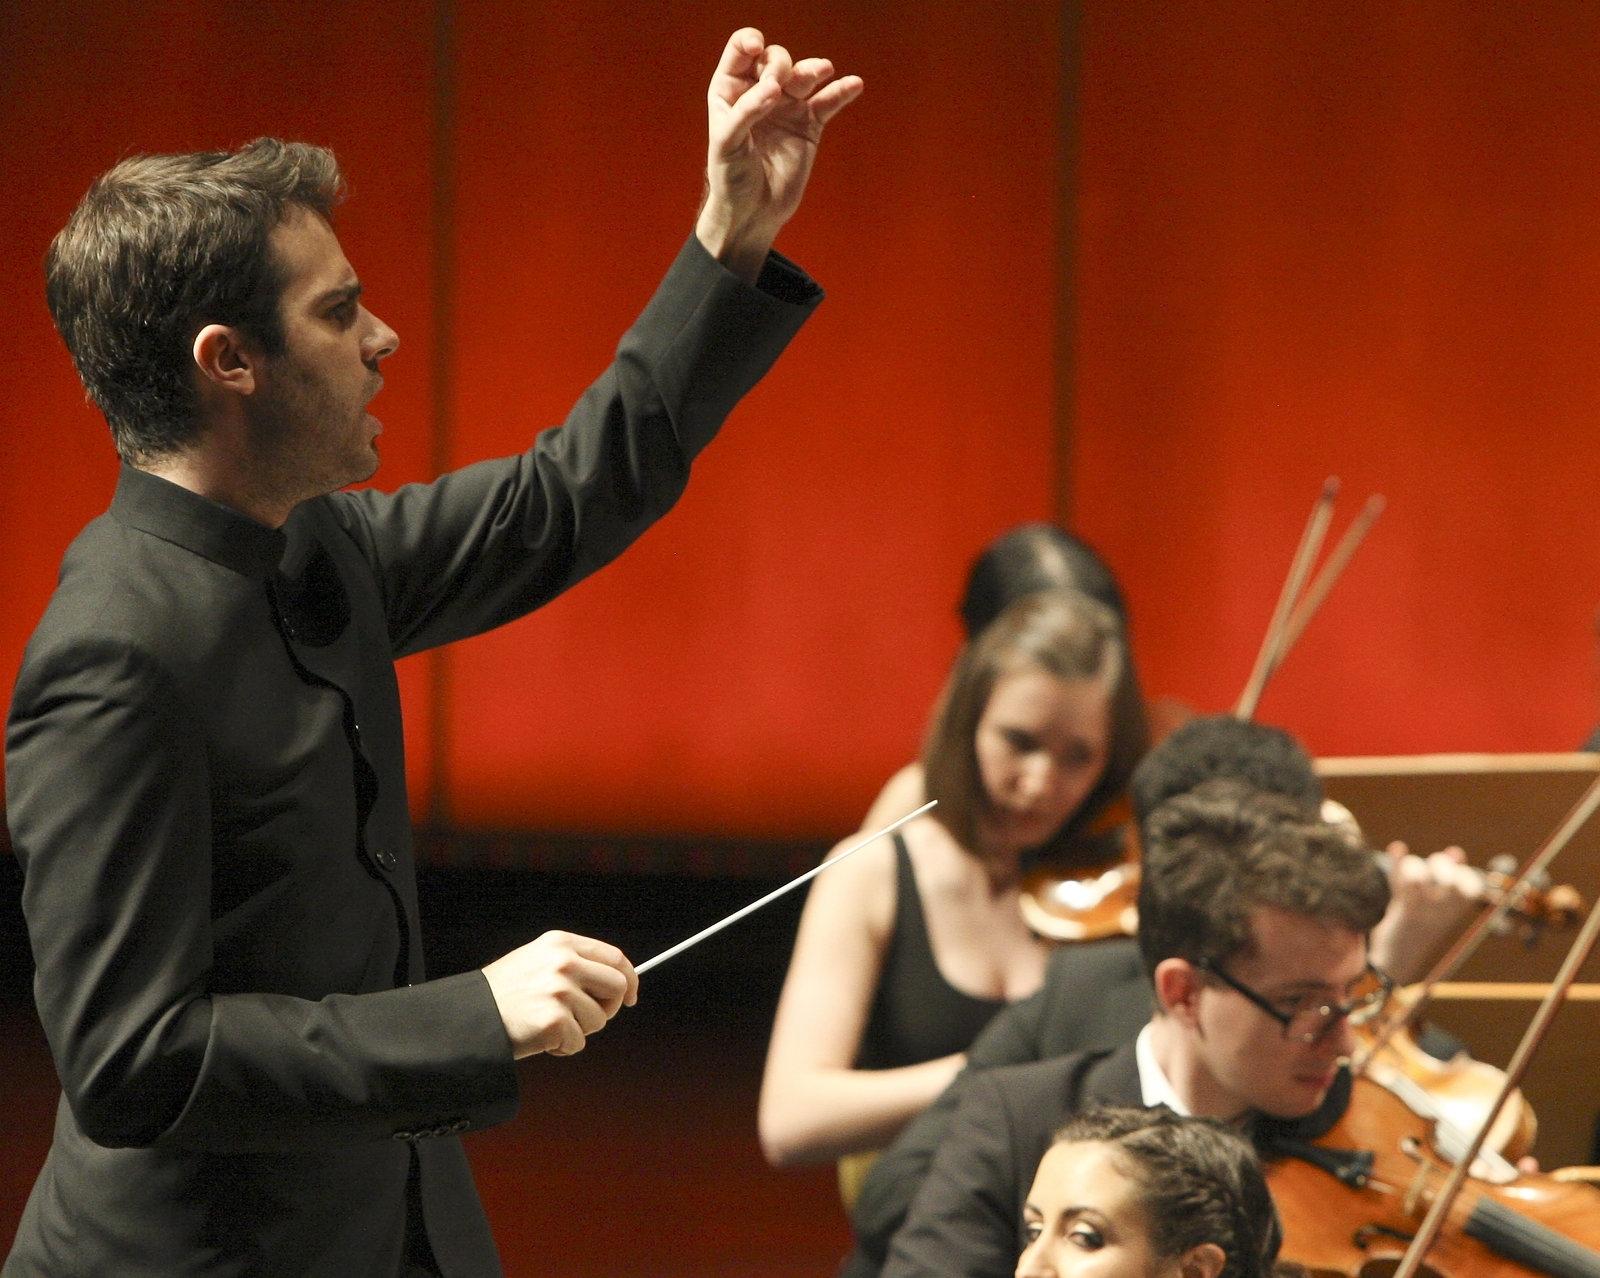 Orquestra XXI, A Reconquista do Paraíso, Dias da Música ,CCB, 28-04-2018, Lisboa 107.jpg